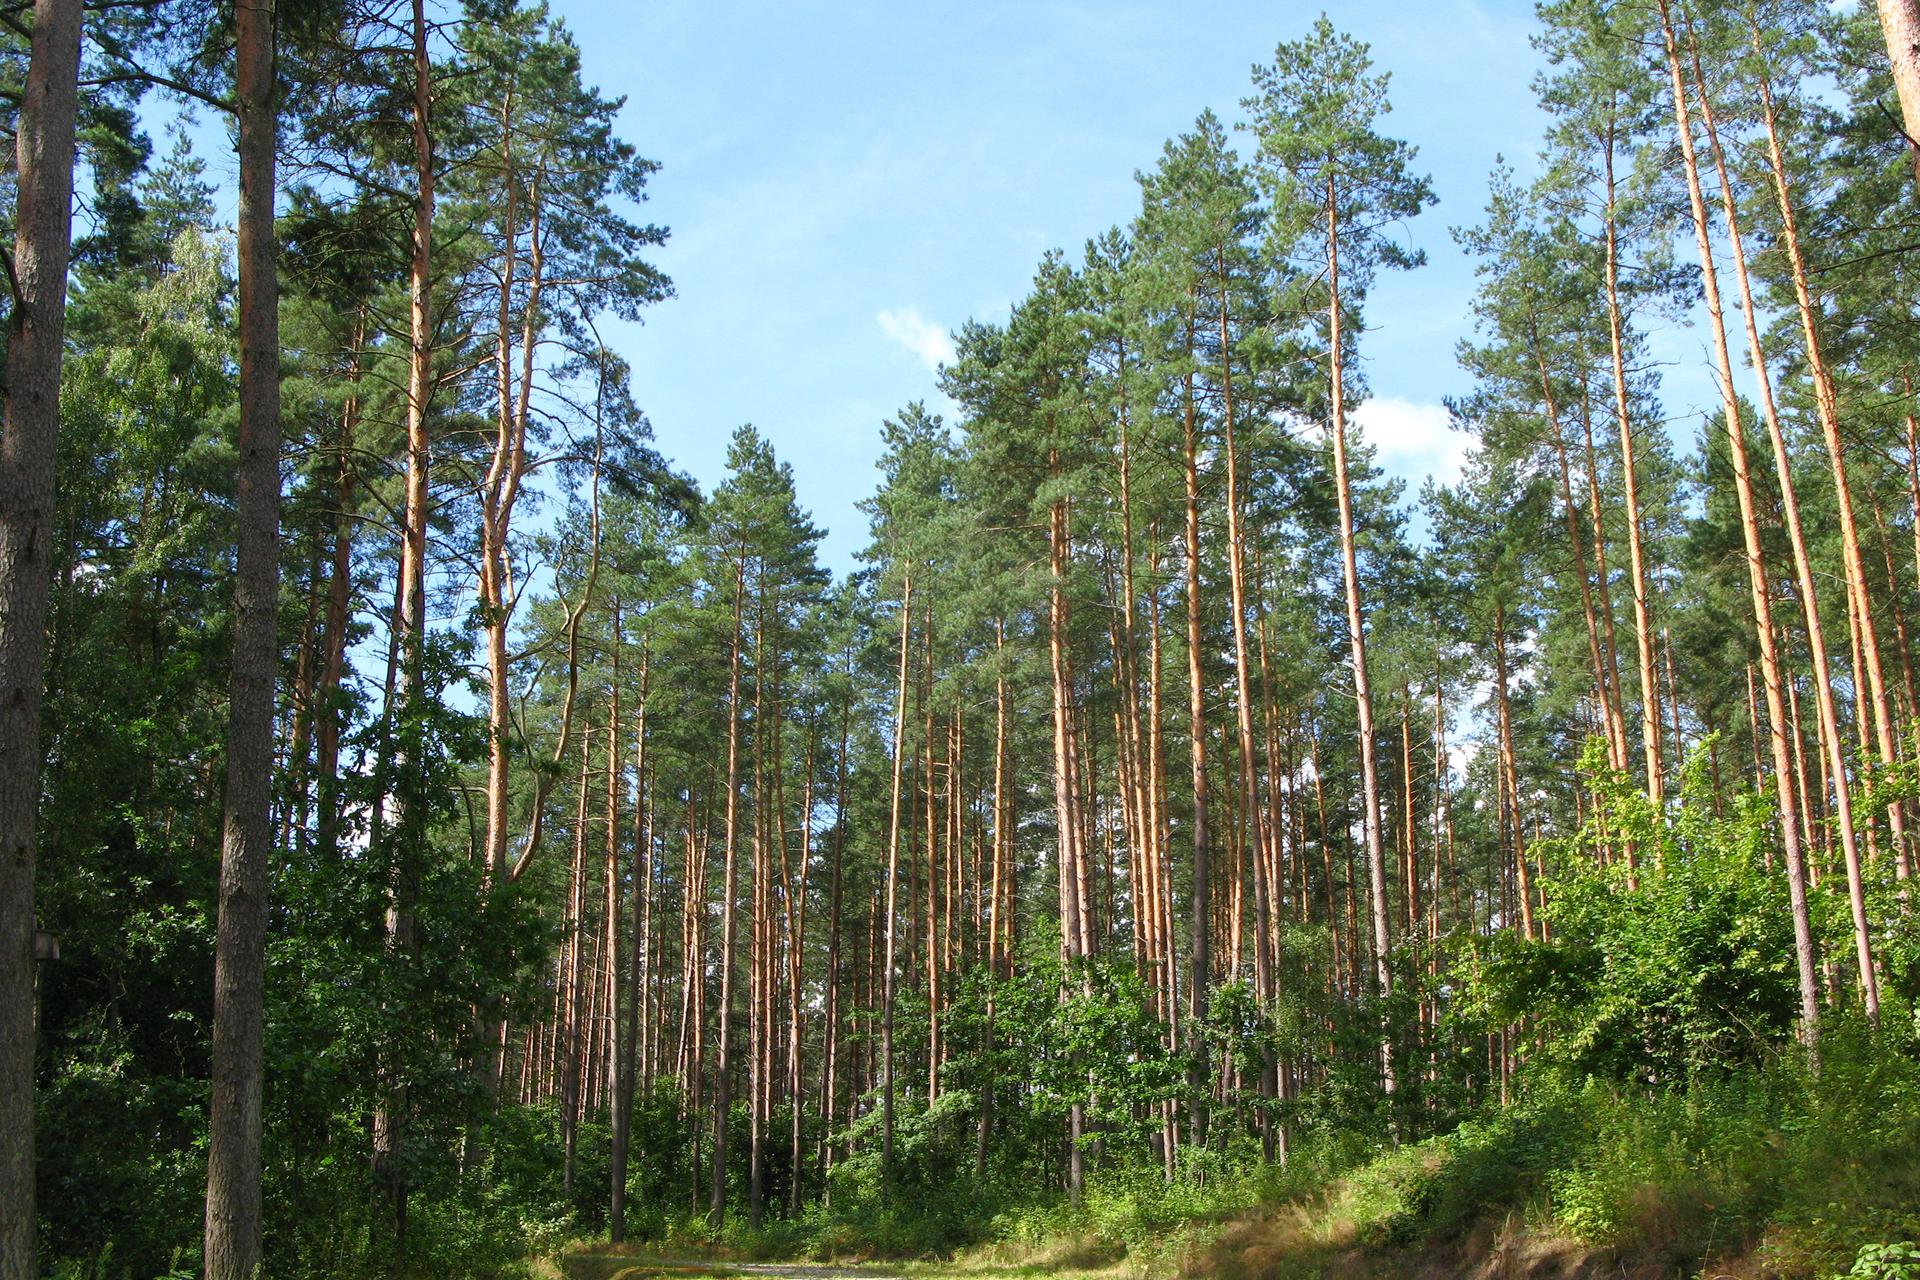 Fotografia przedstawia bór sosnowy wsłoneczny dzień. Liczne drzewa mają smukłe, wysokie pnie ojasno brązowej korze. Korony luźne, jasno zielone. Wwarstwie poszytu krzewy, wrunie trawa ikrzewinki.